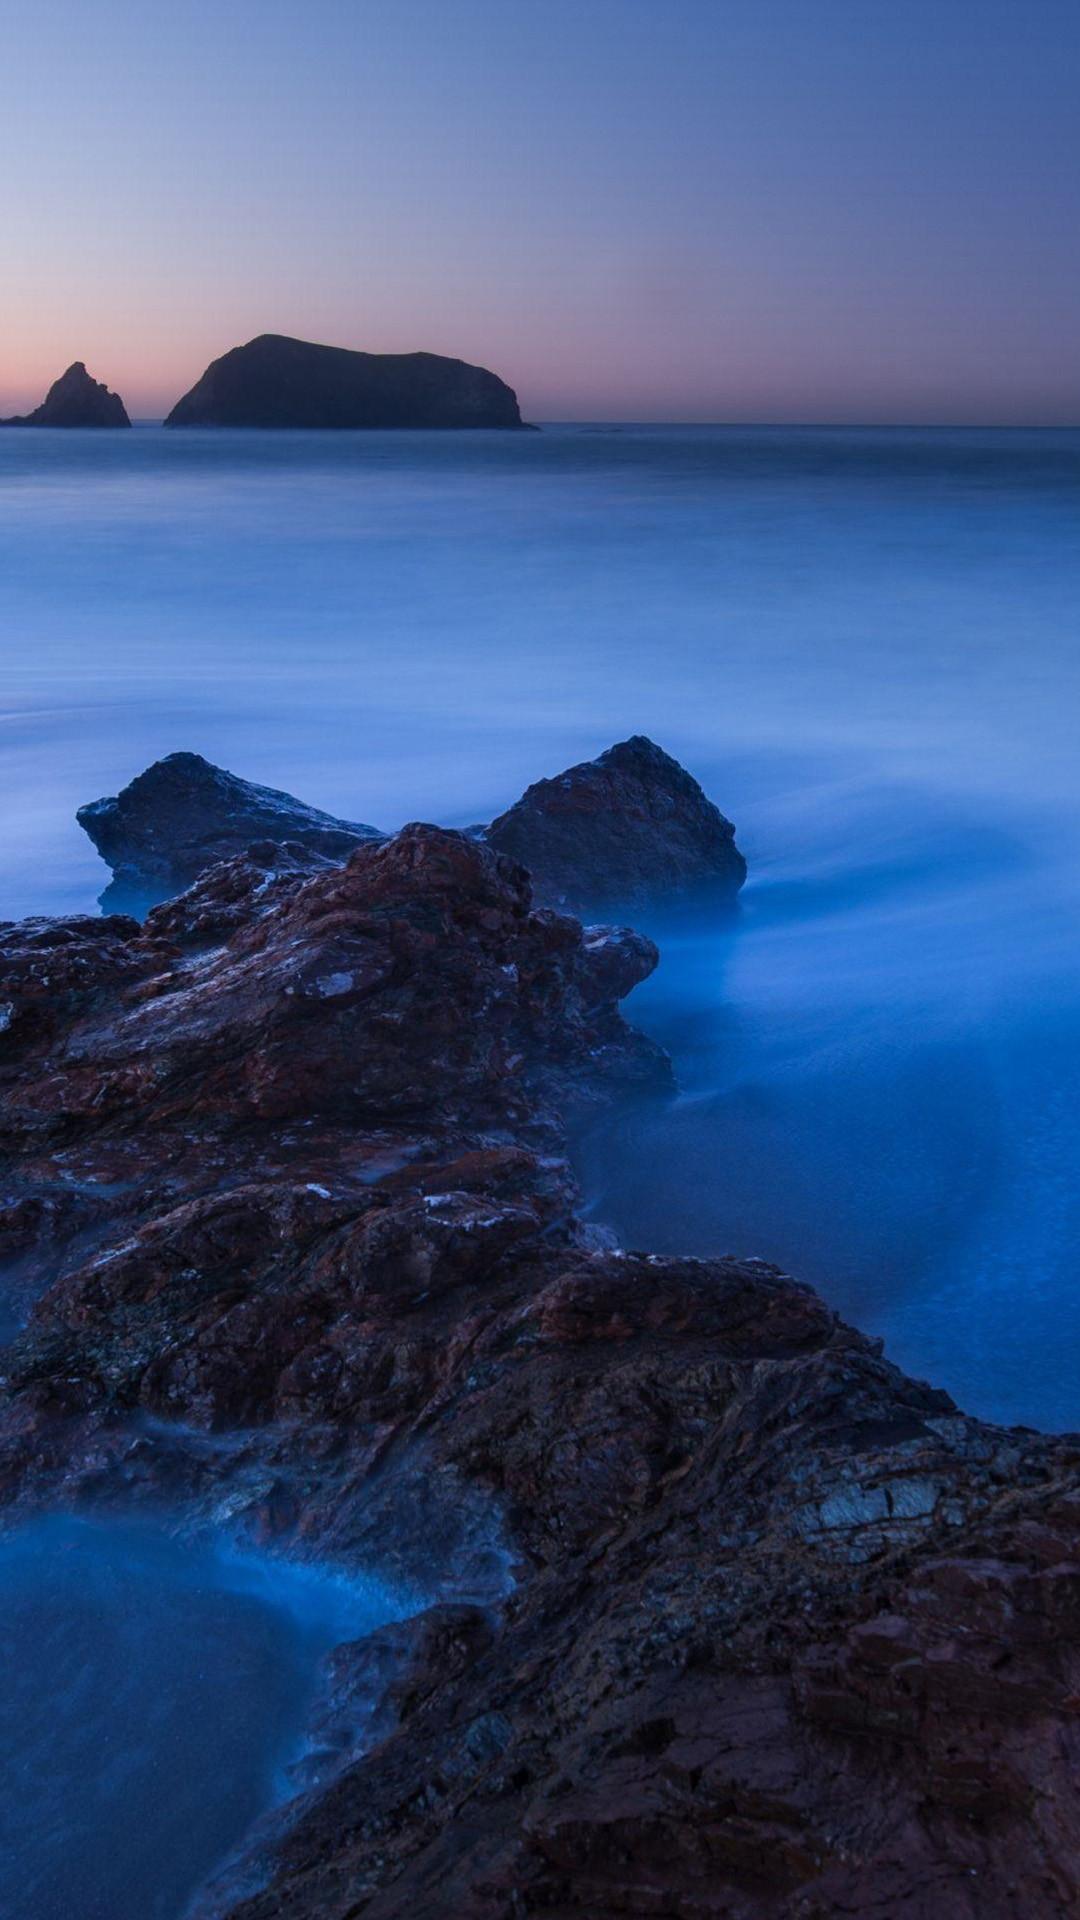 Beach sunset HD samsung galaxy s4 wallpaper 1080x1920